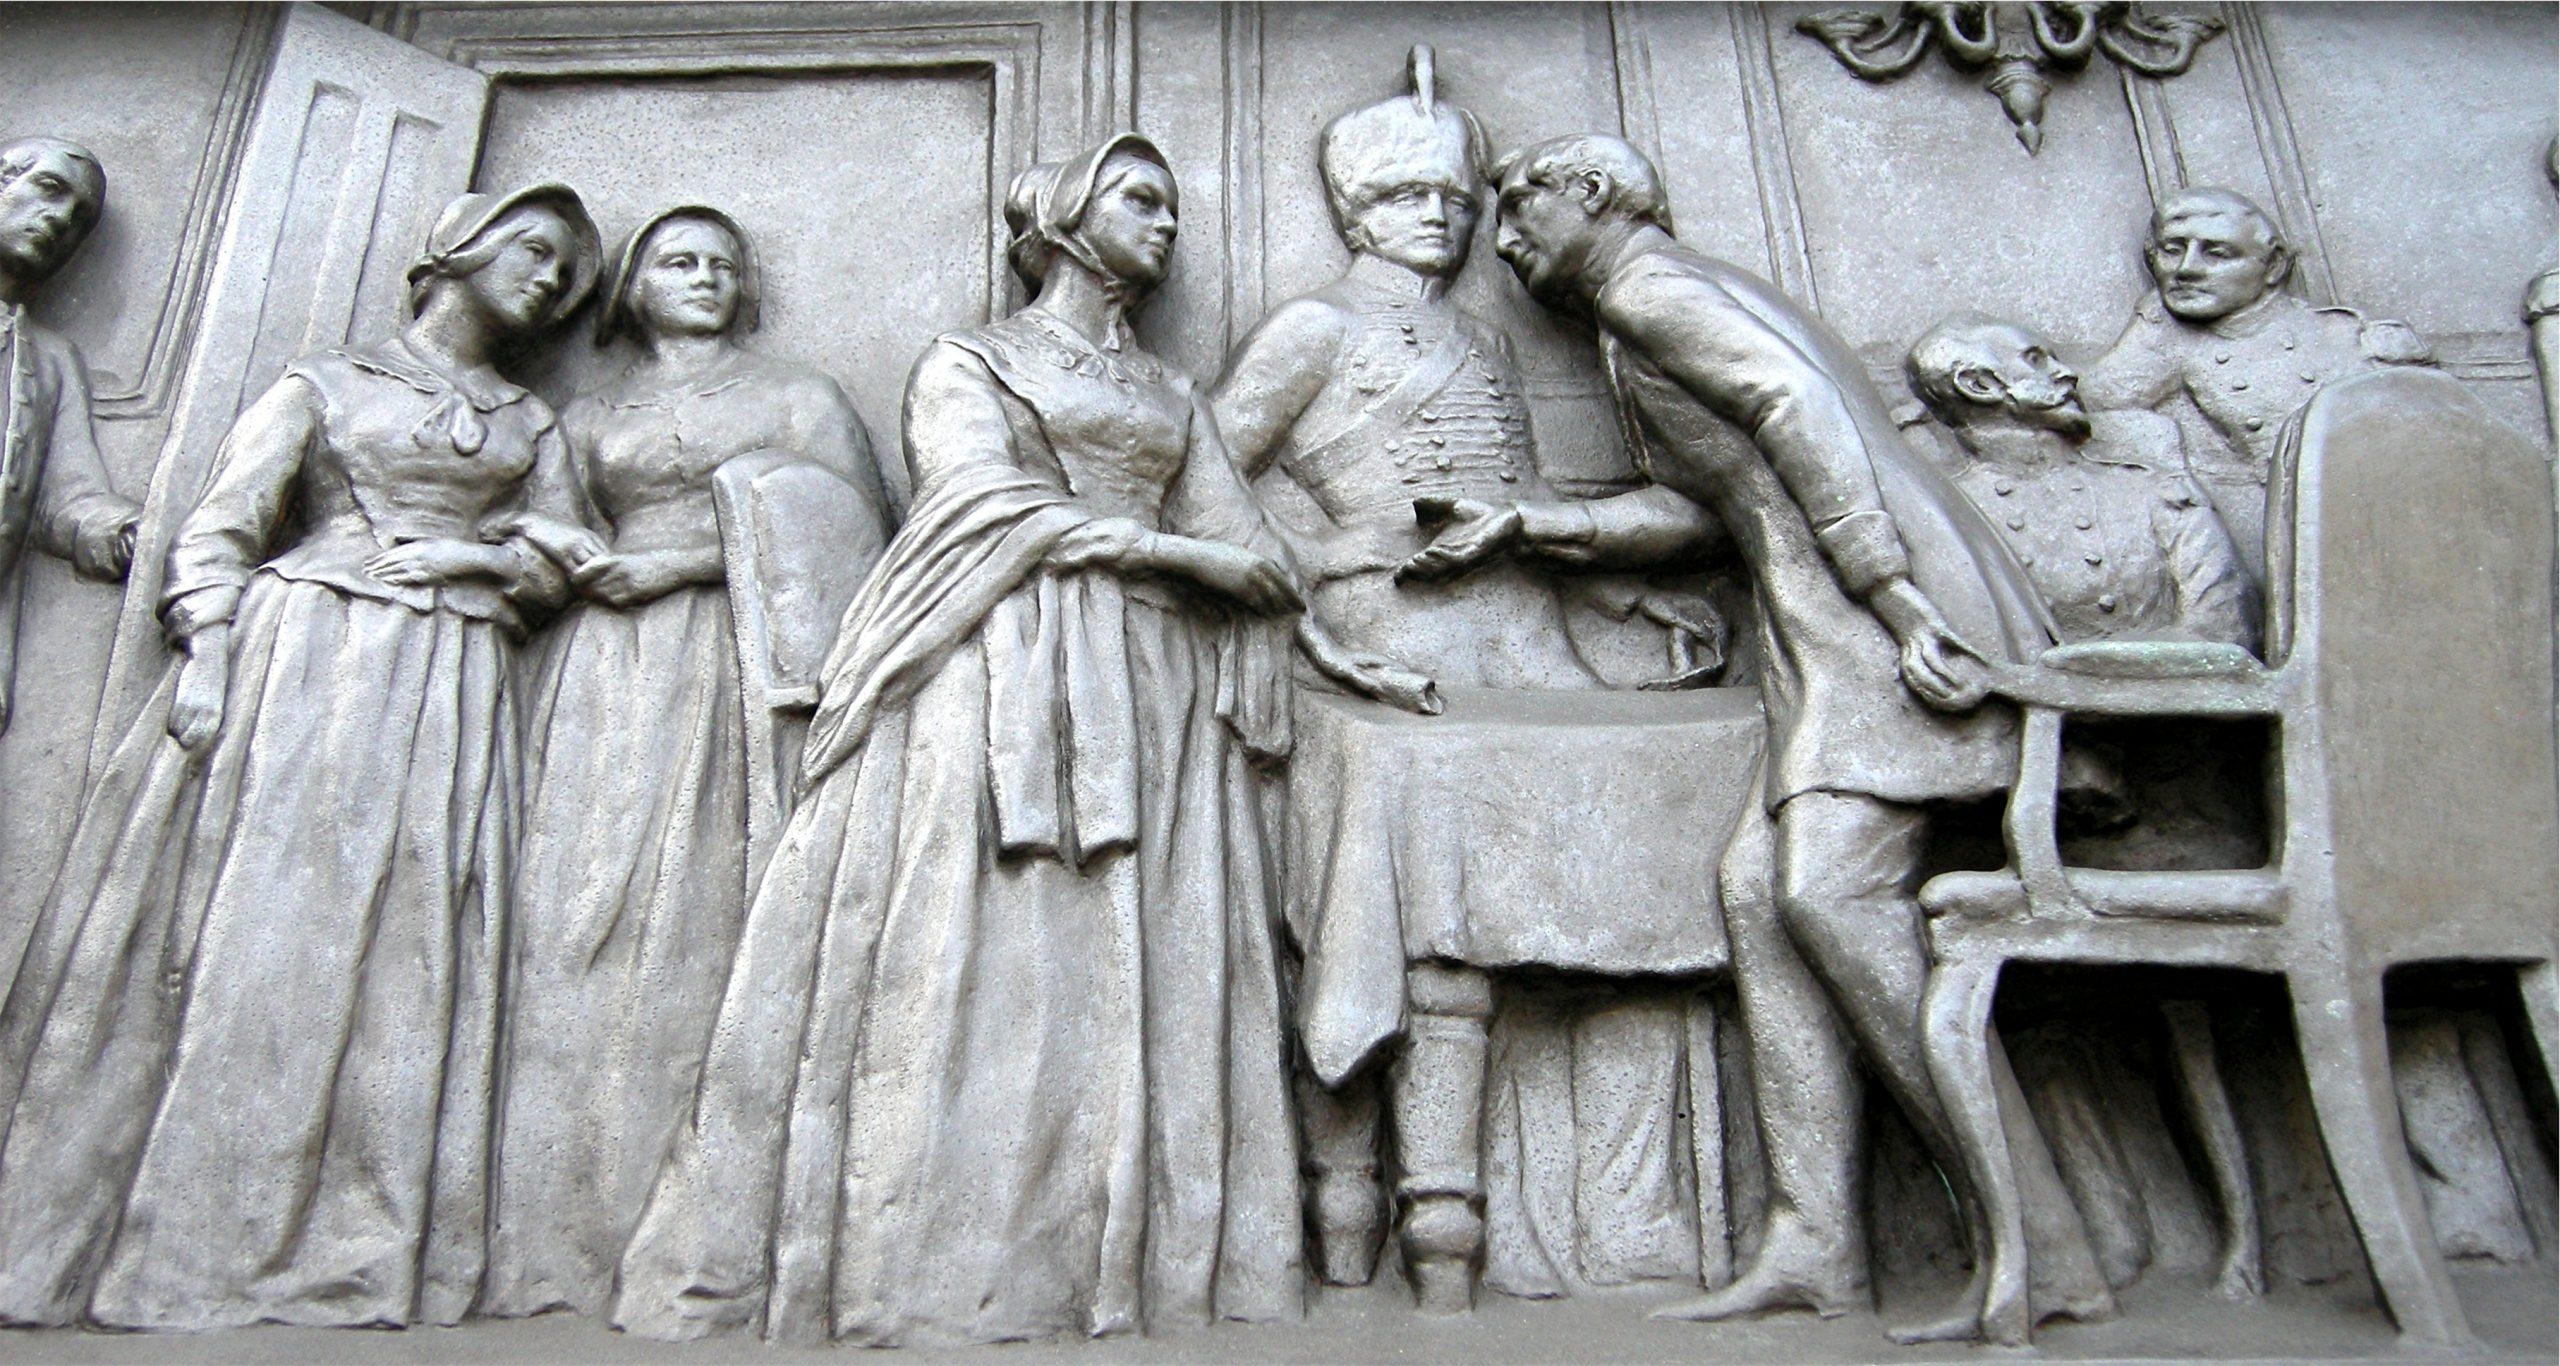 Florence Nightingale Memorial